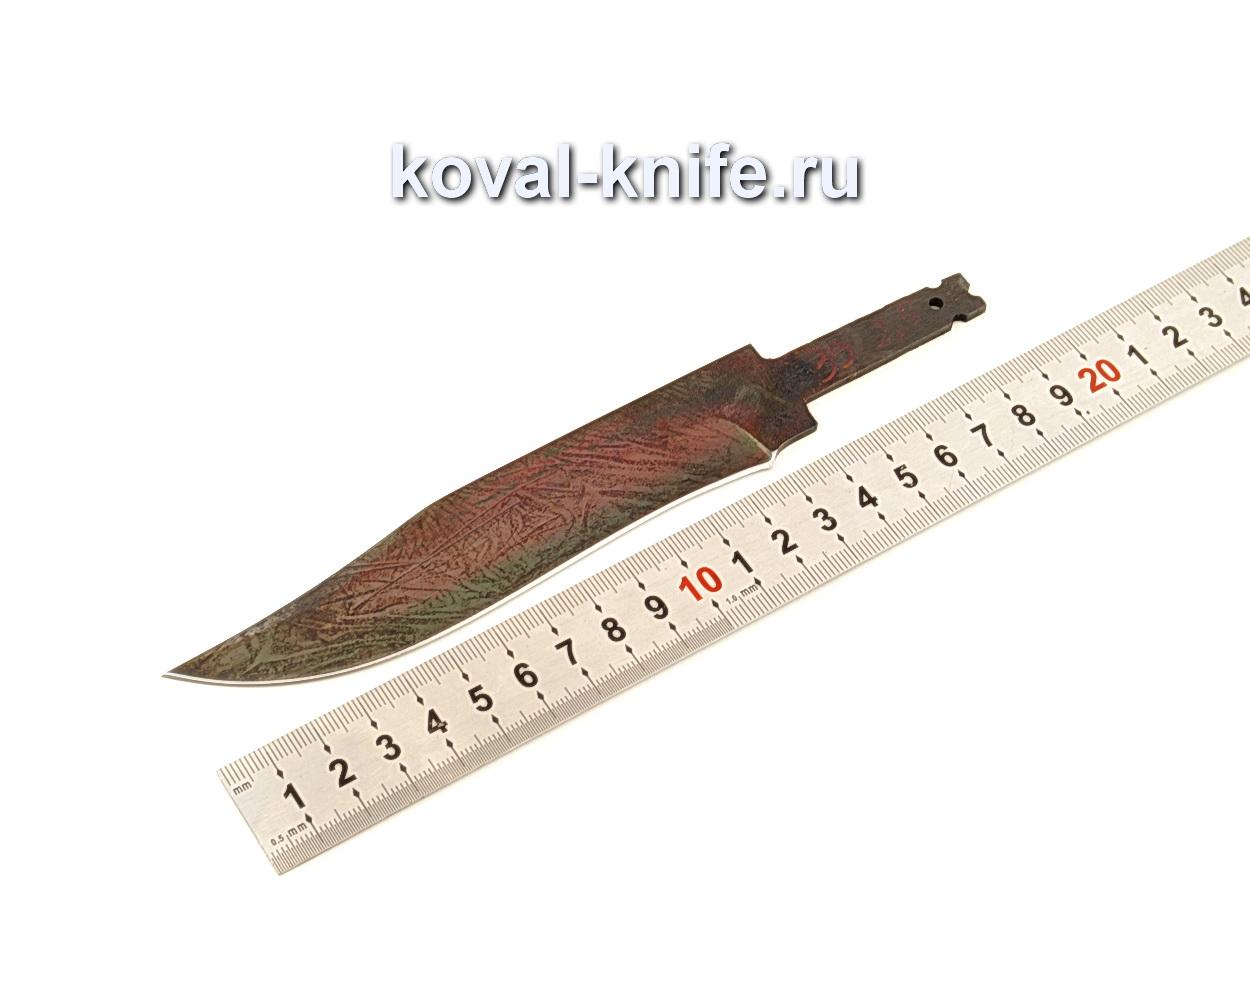 Клинок для ножа из кованой стали У10А N39